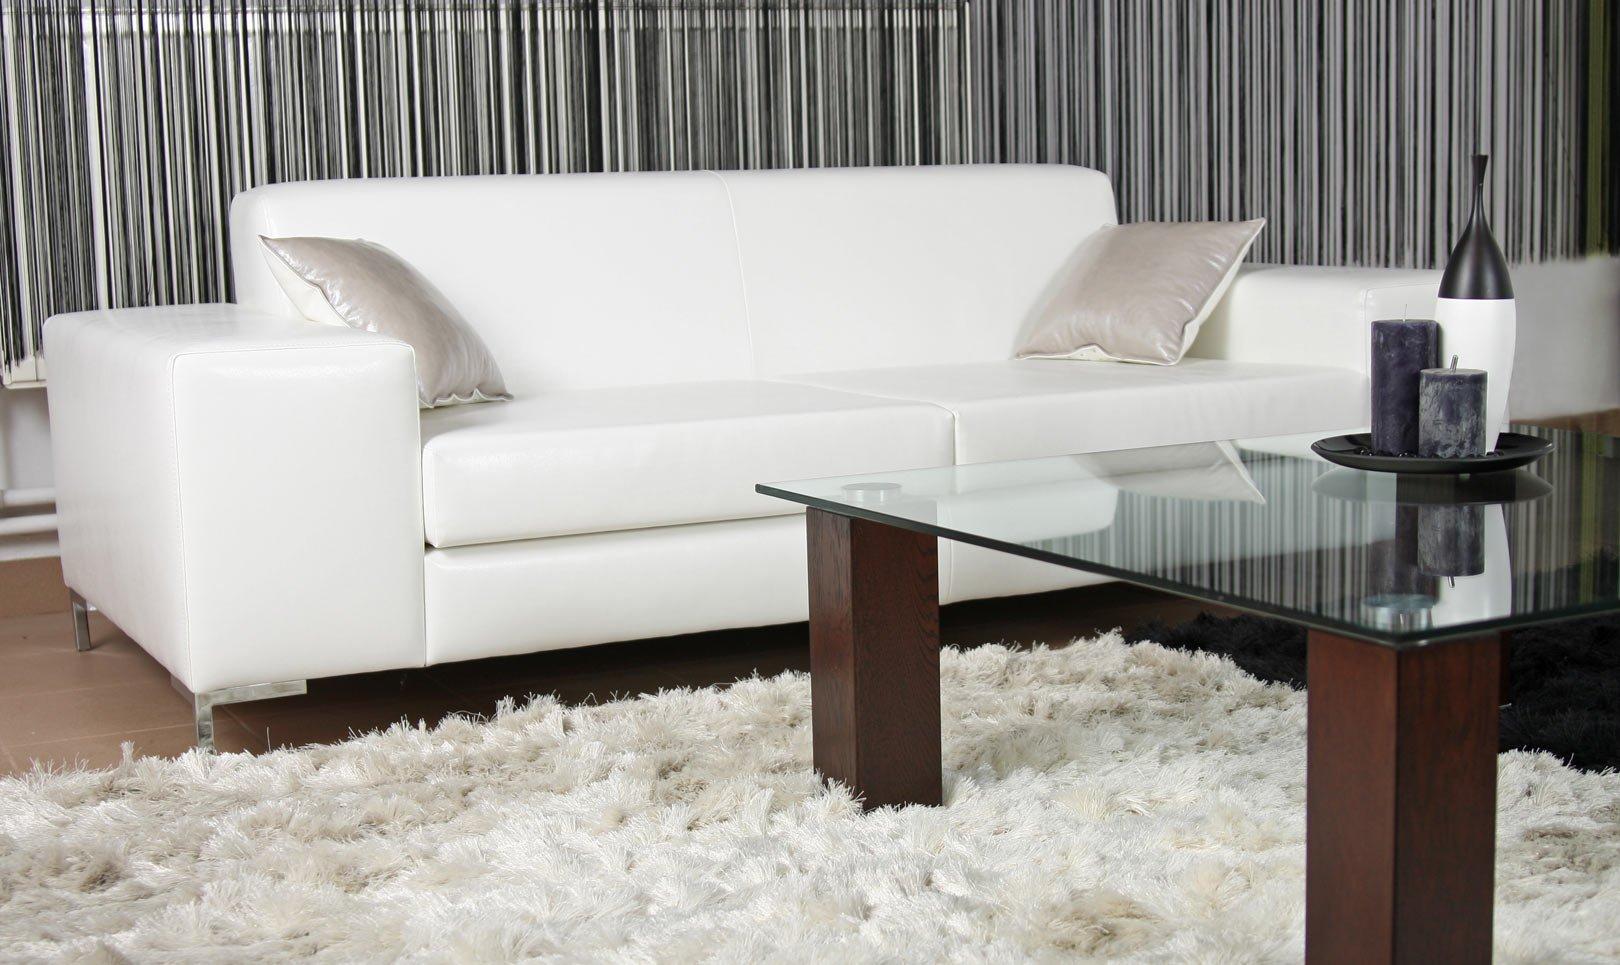 Wspaniały Nowoczesne wypoczynki Milo, sofy z półkami, meble skórzane na wymiar XU98